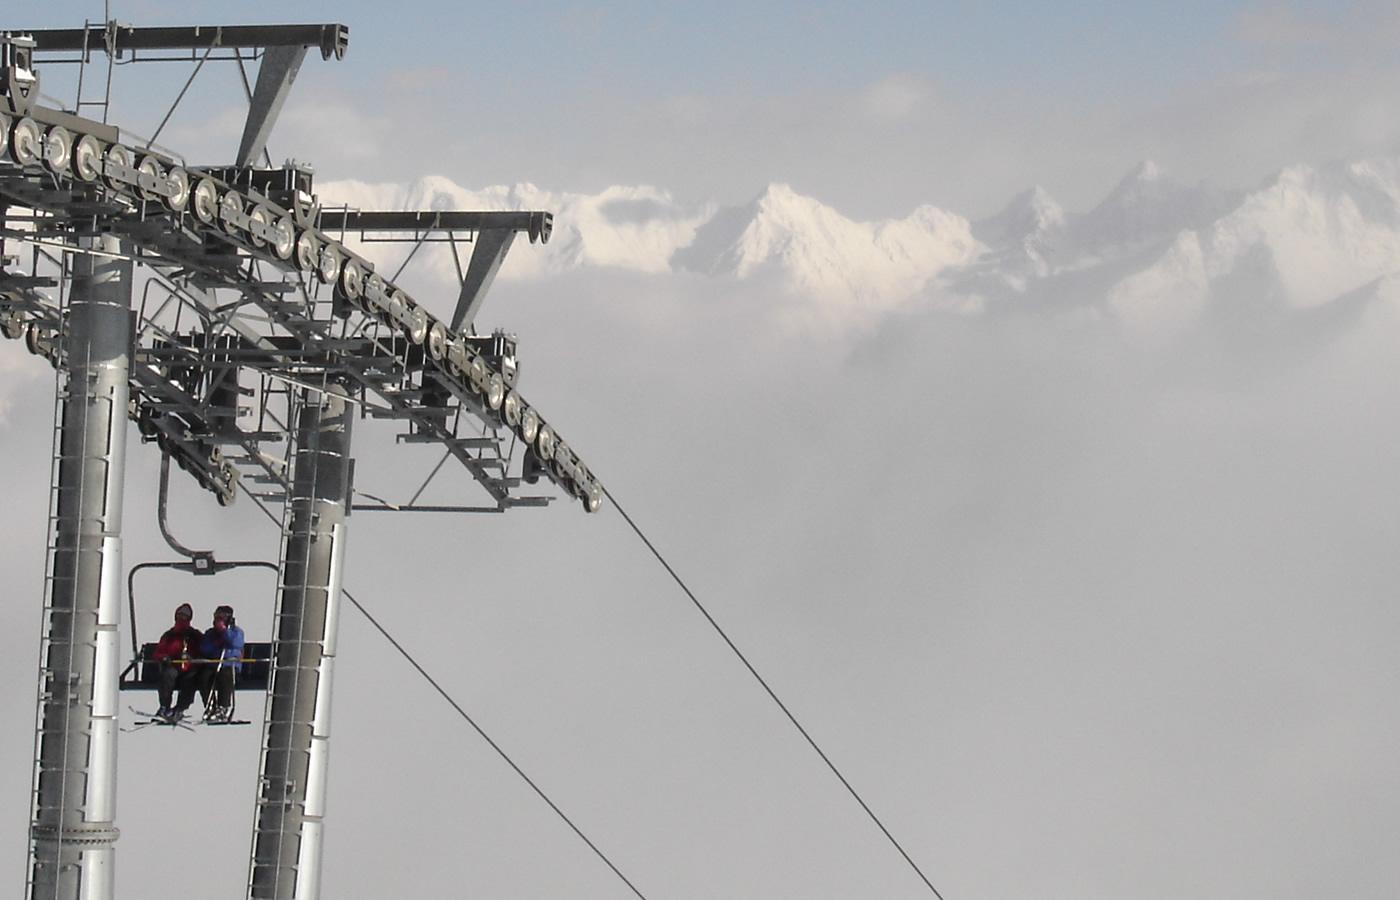 Wolkenmeer und Sattelbahn in Fiss, Tirol.